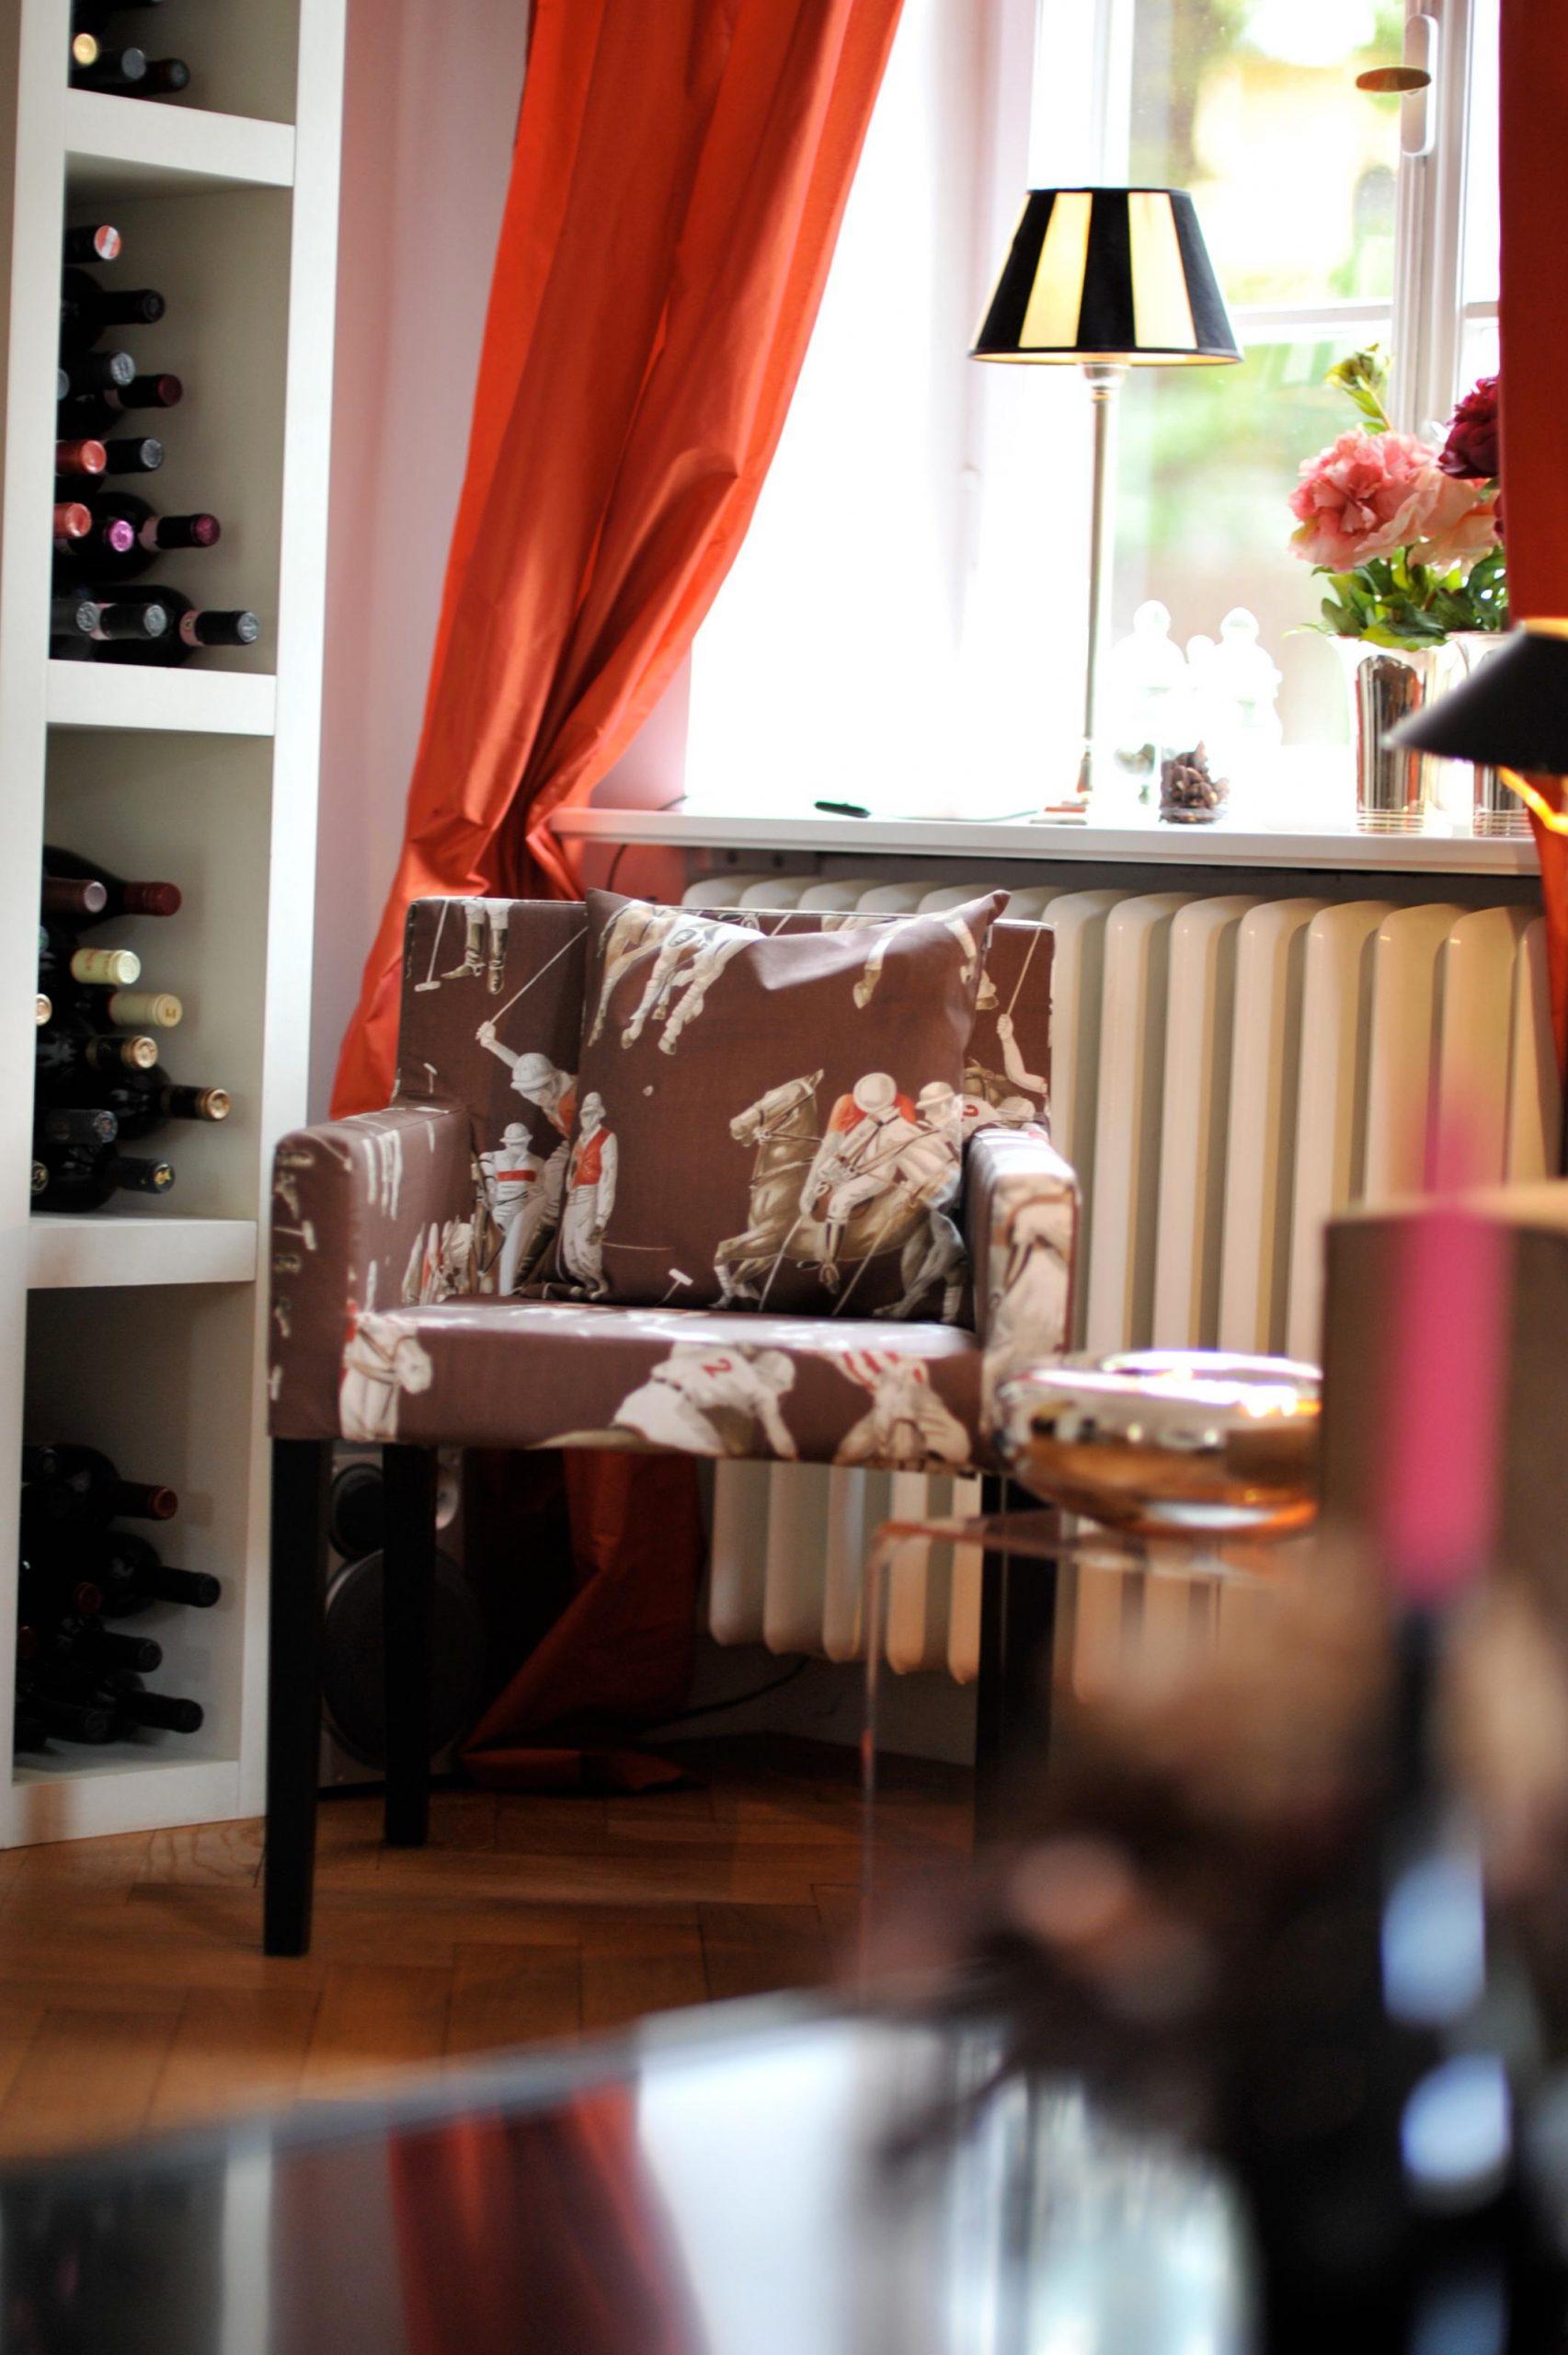 Full Size of Gardinen Küche Ikea Gardinenstangen Bilder Ideen Couch U Form Betonoptik Kreidetafel Einbauküche Weiss Hochglanz Waschbecken Salamander Pantryküche Mit Wohnzimmer Gardinen Küche Ikea